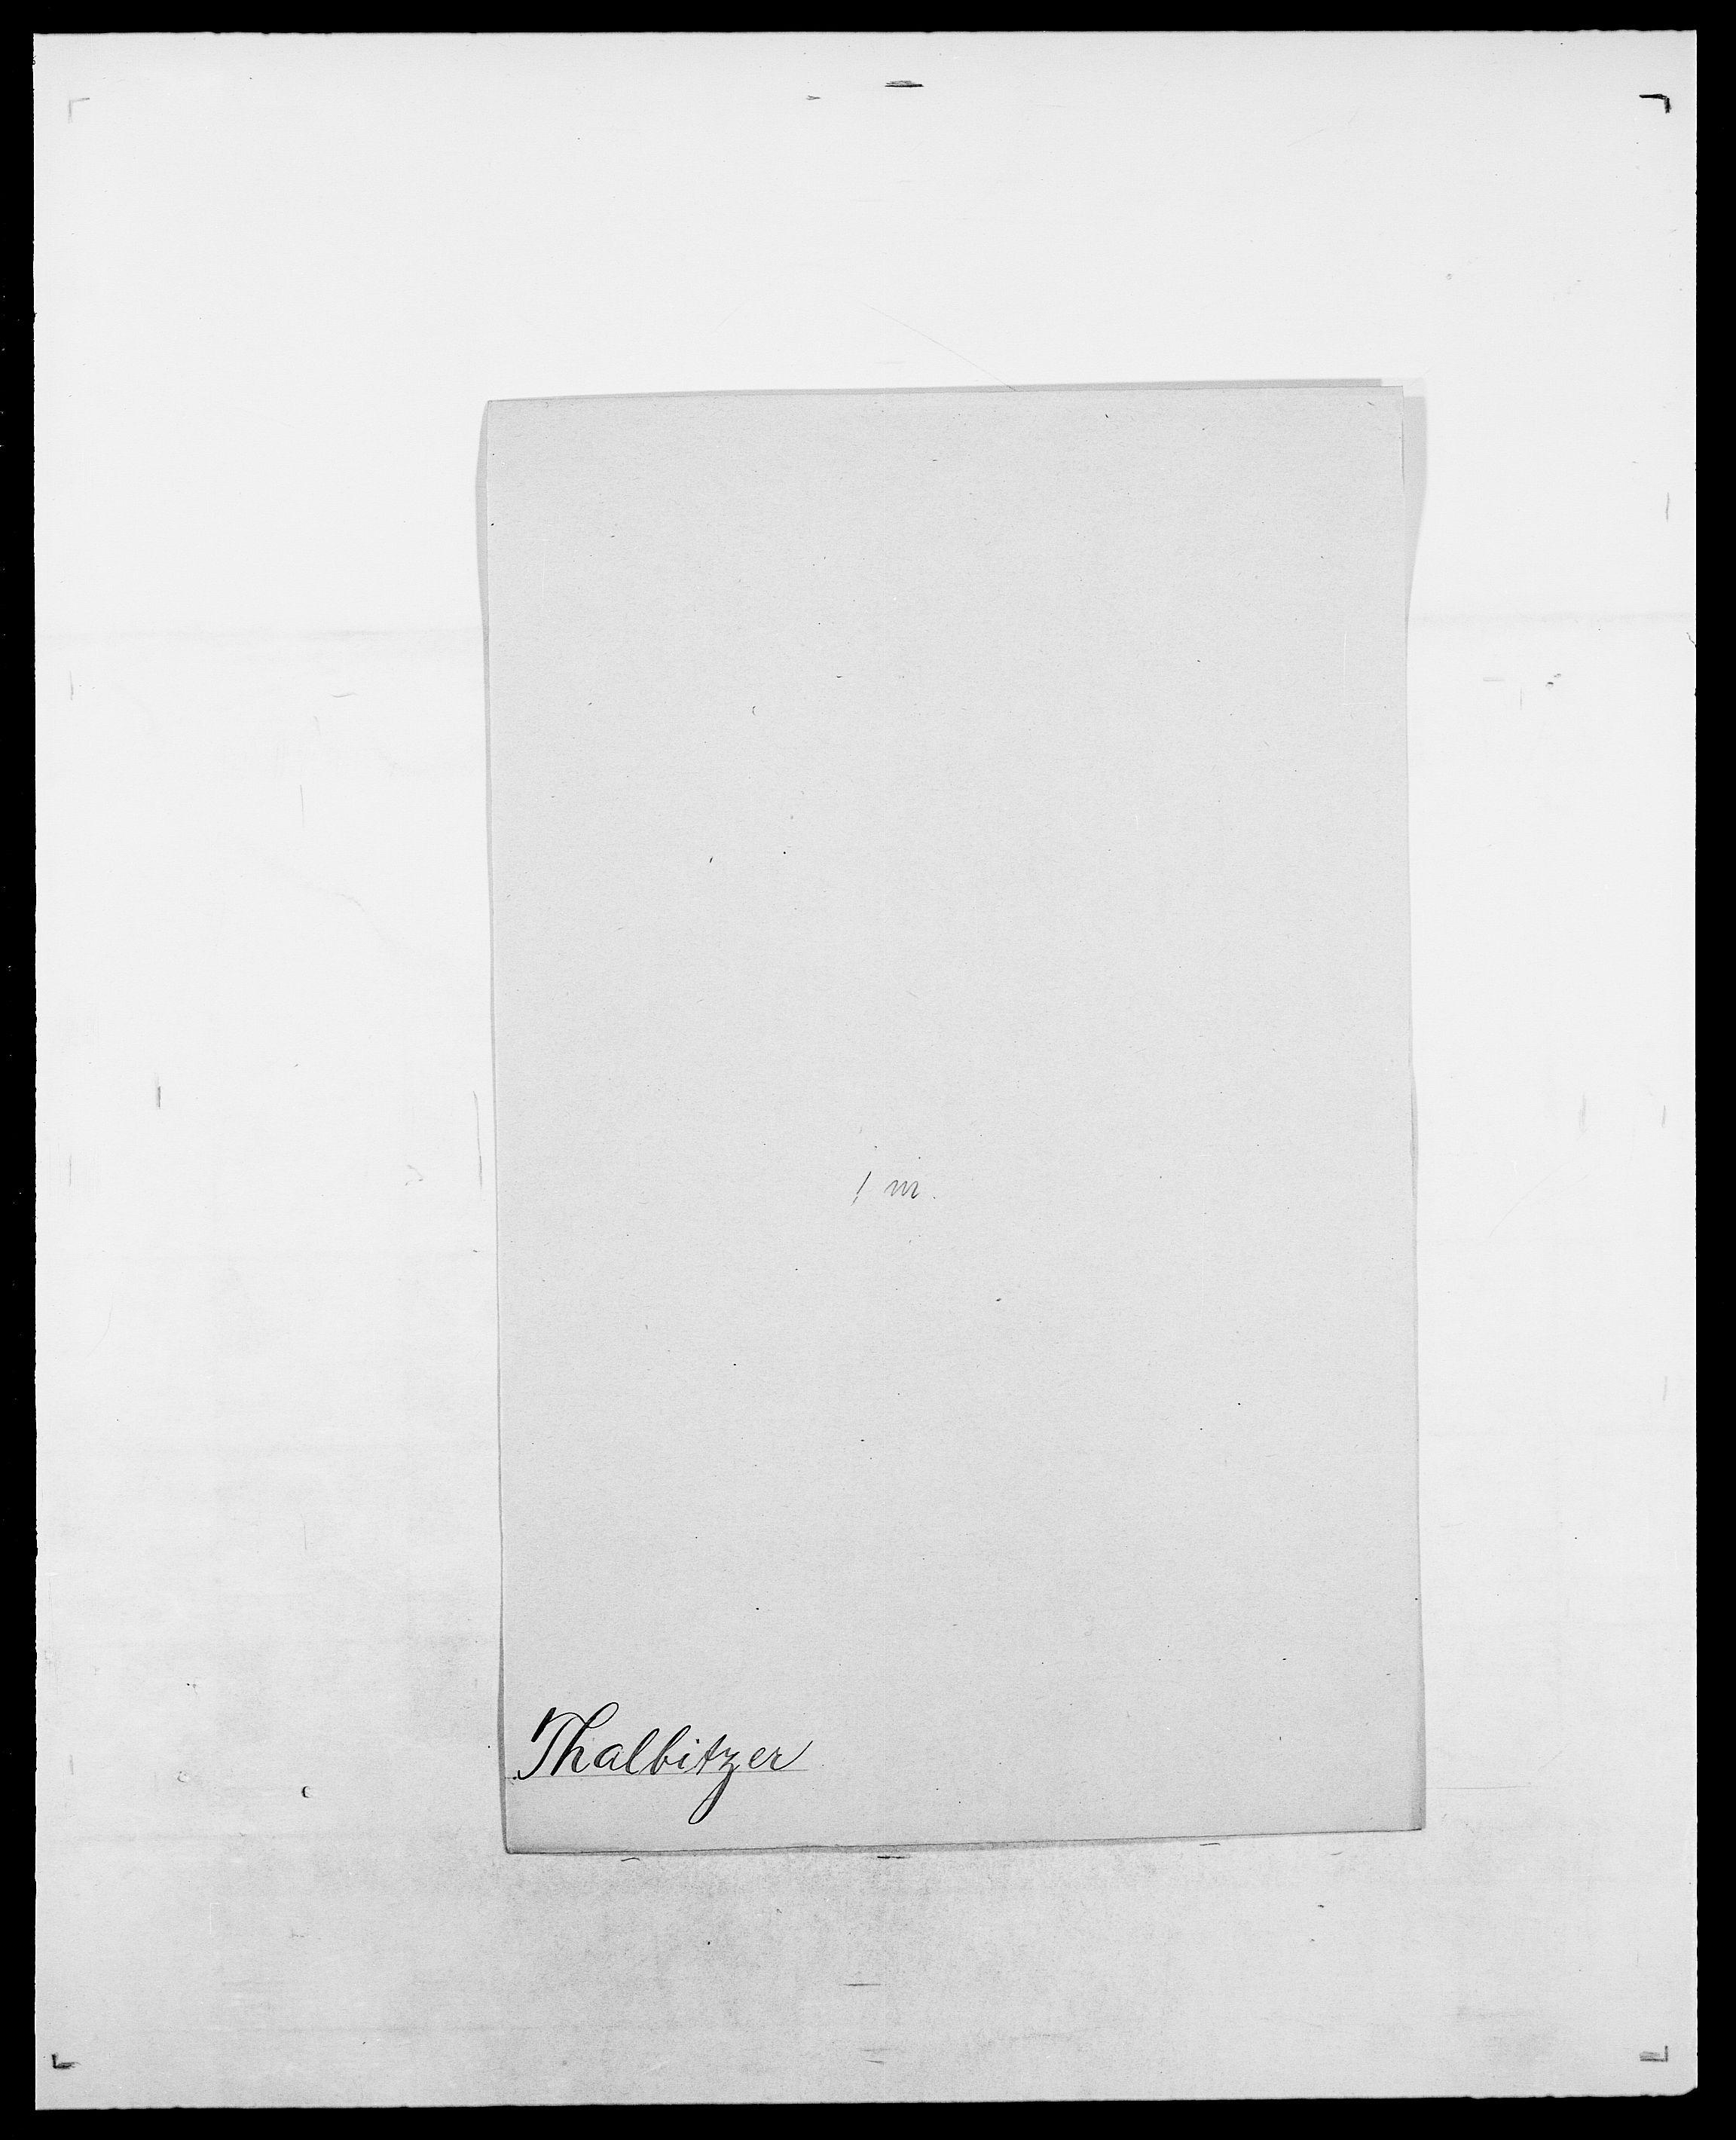 SAO, Delgobe, Charles Antoine - samling, D/Da/L0038: Svanenskjold - Thornsohn, s. 439